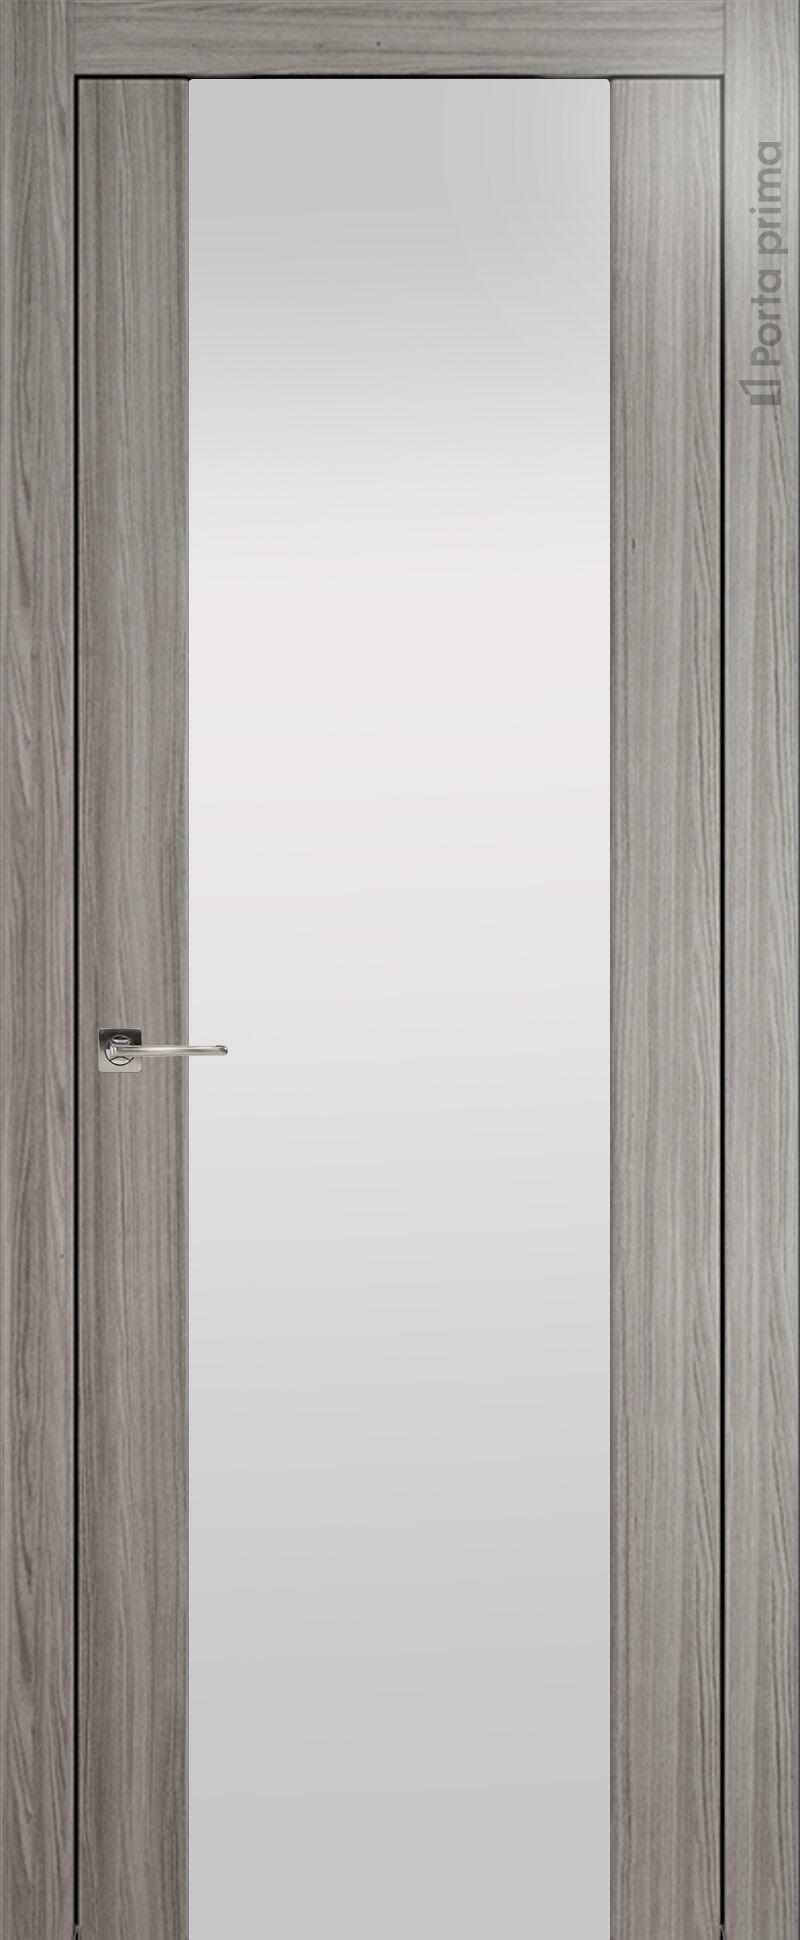 Torino цвет - Орех пепельный Со стеклом (ДО)